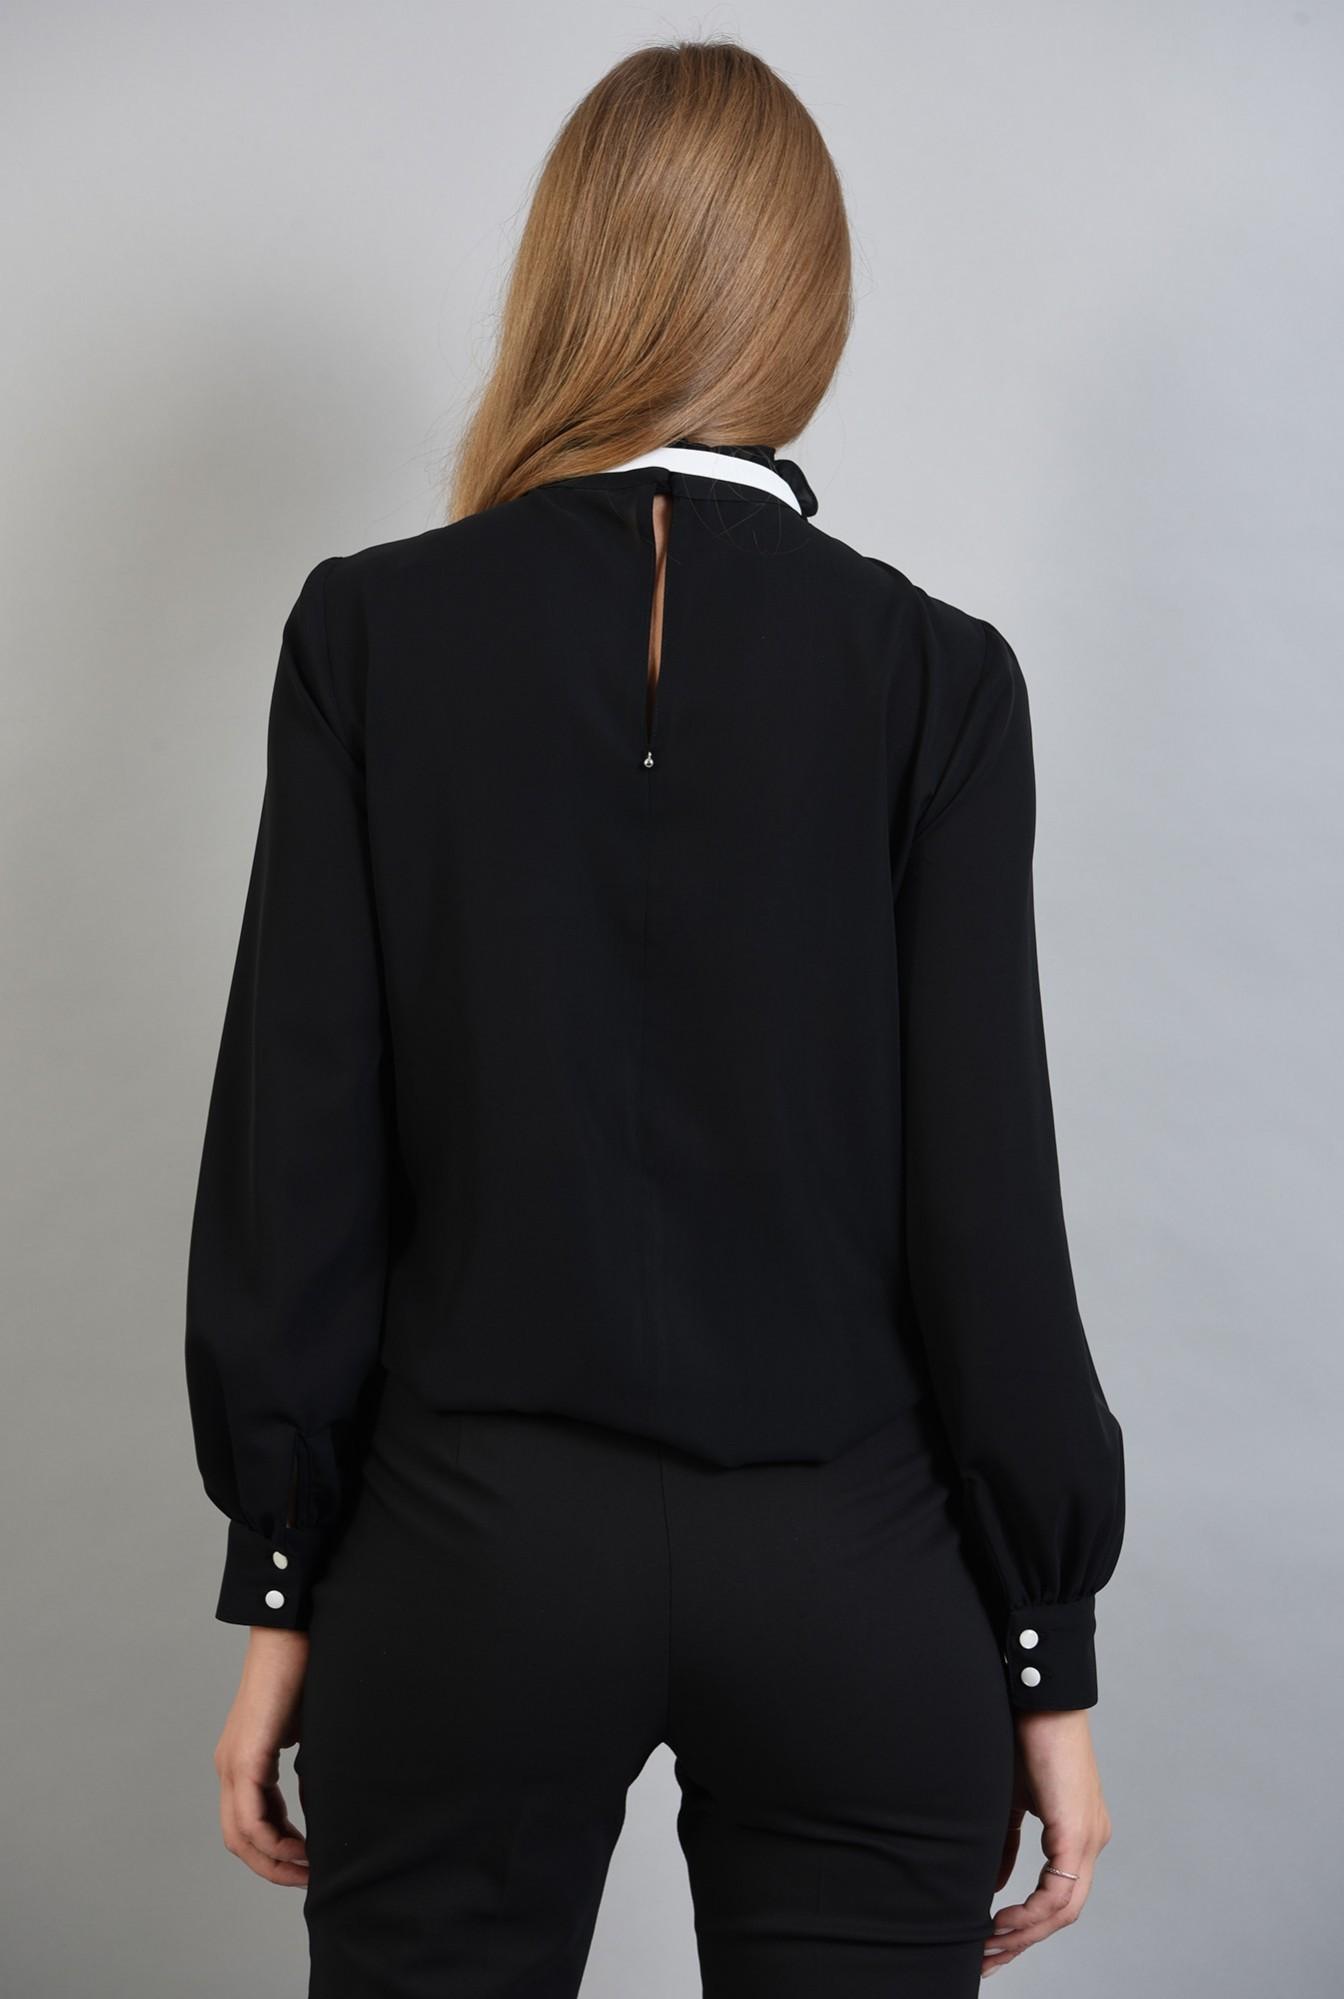 0 - bluza neagra, cu guler inalt, cu funda alba